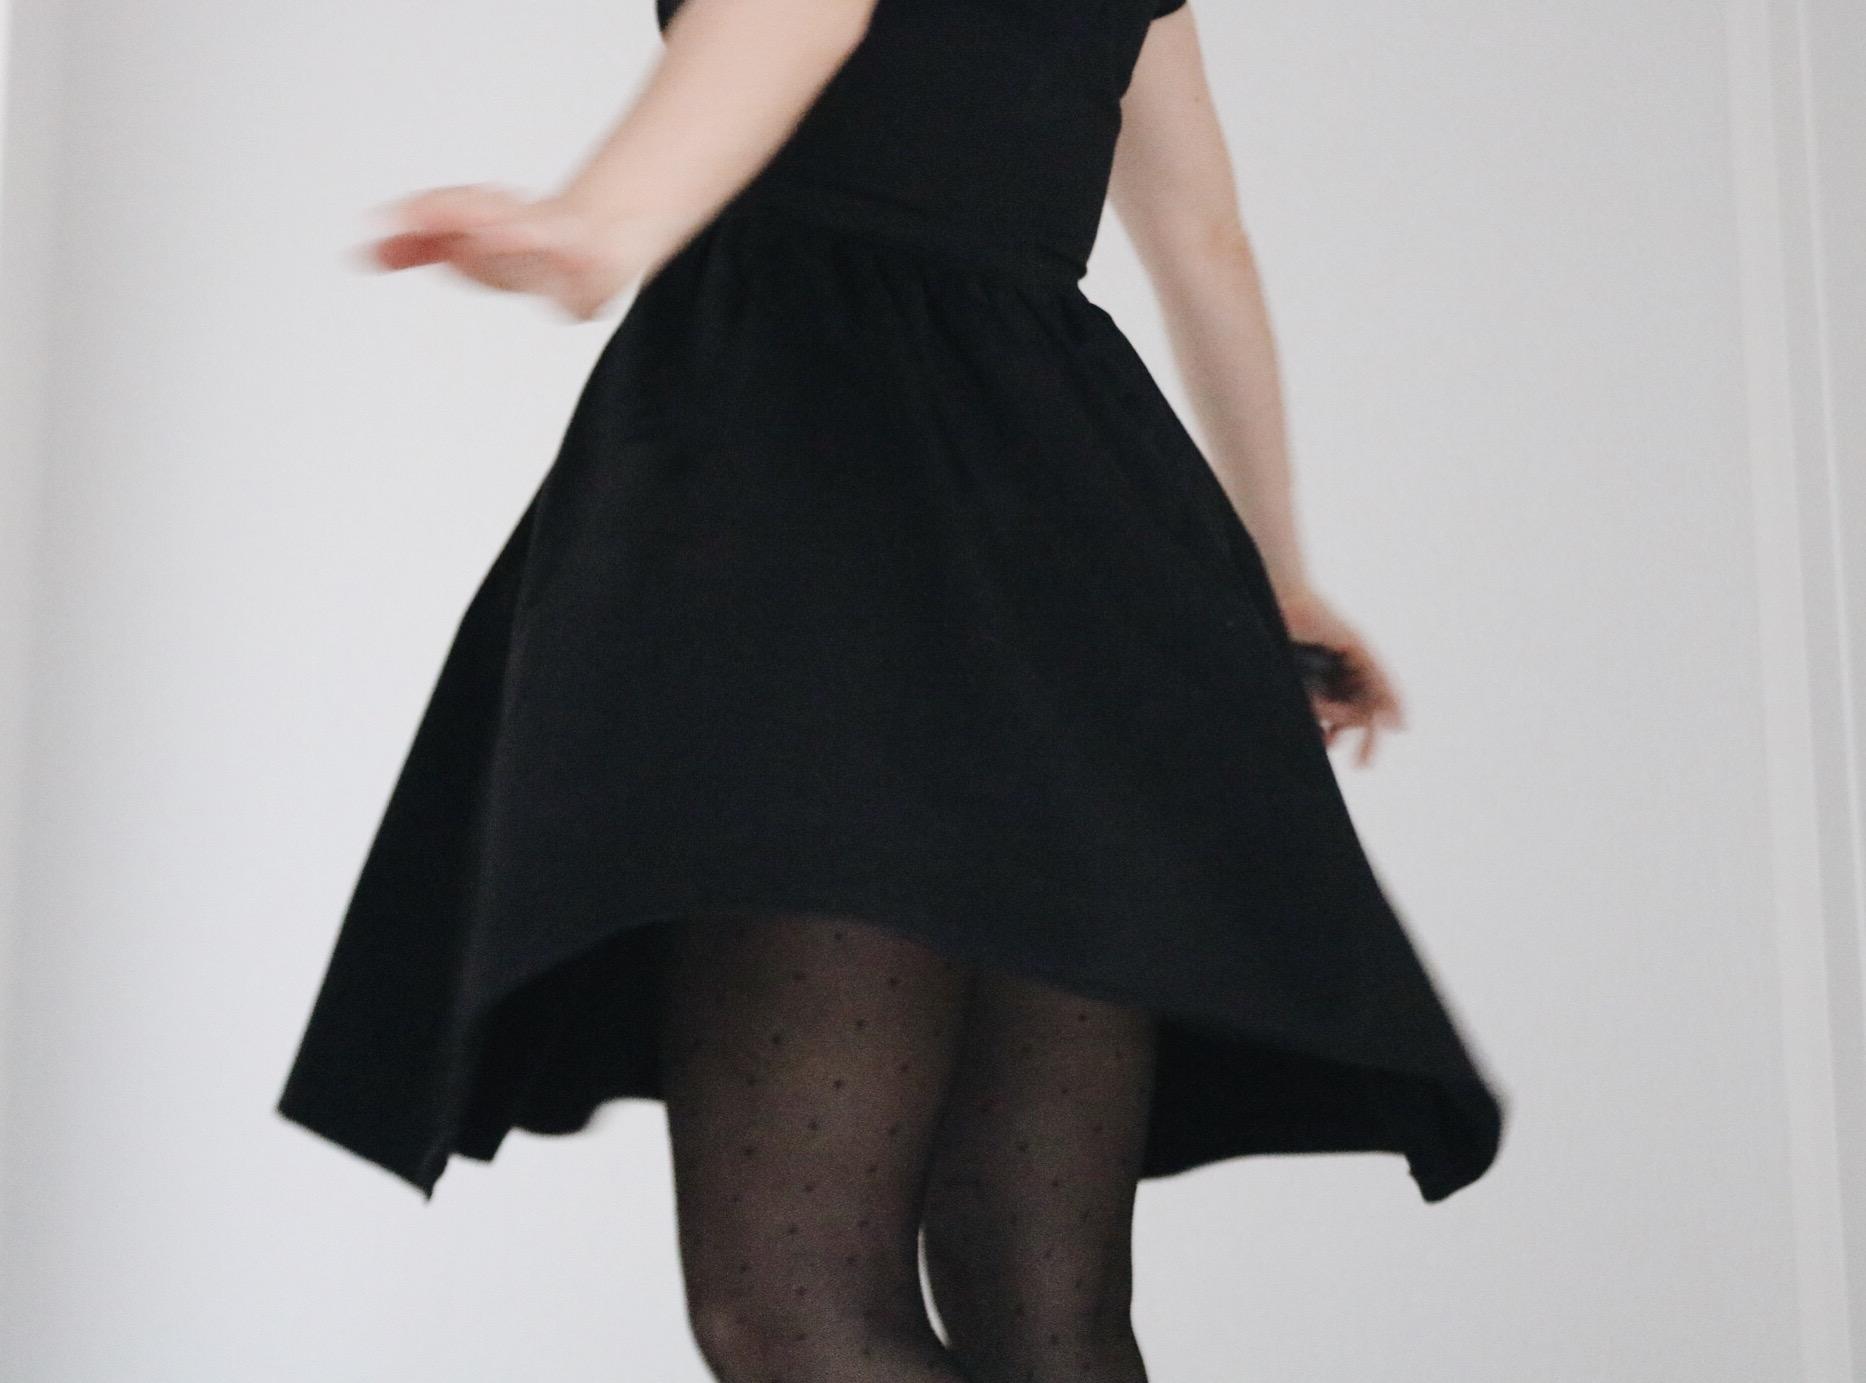 f2b93f42a0 Le cas de la petite robe noire ~ Thérèse and the kids